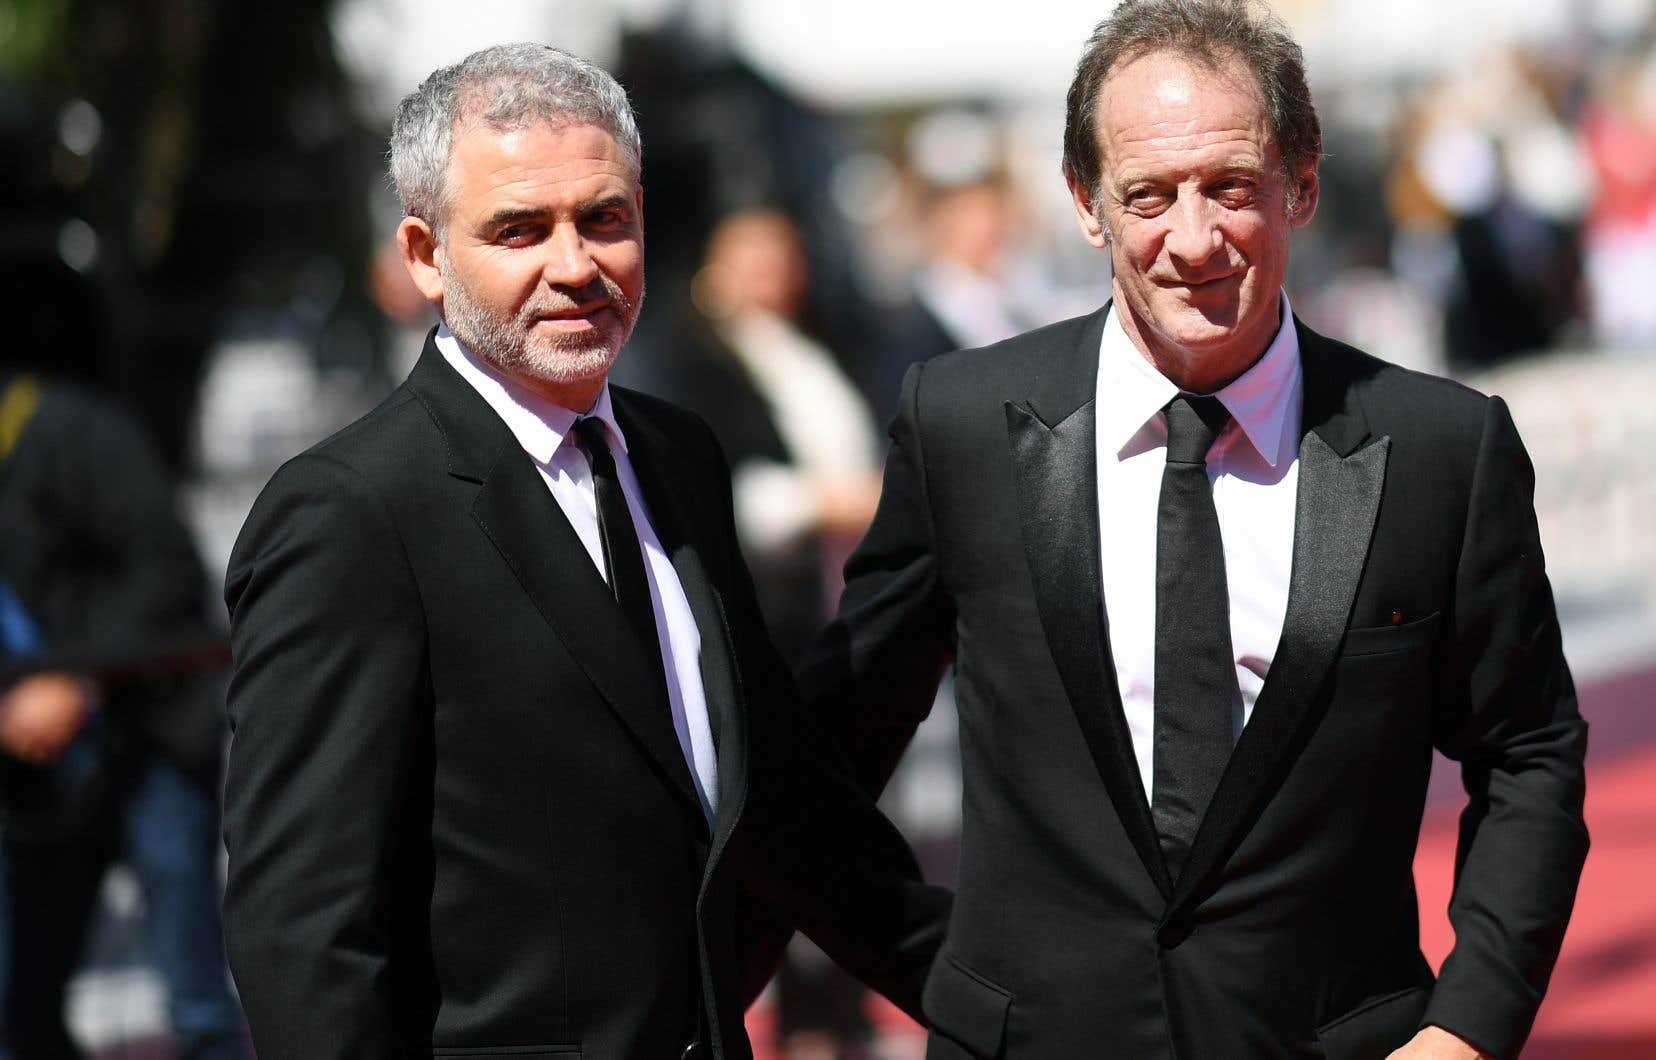 Le réalisateur Stéphane Brizé en compagnie de l'acteur Vincent Lindon avant la projection du film «En guerre», à Cannes, mardi